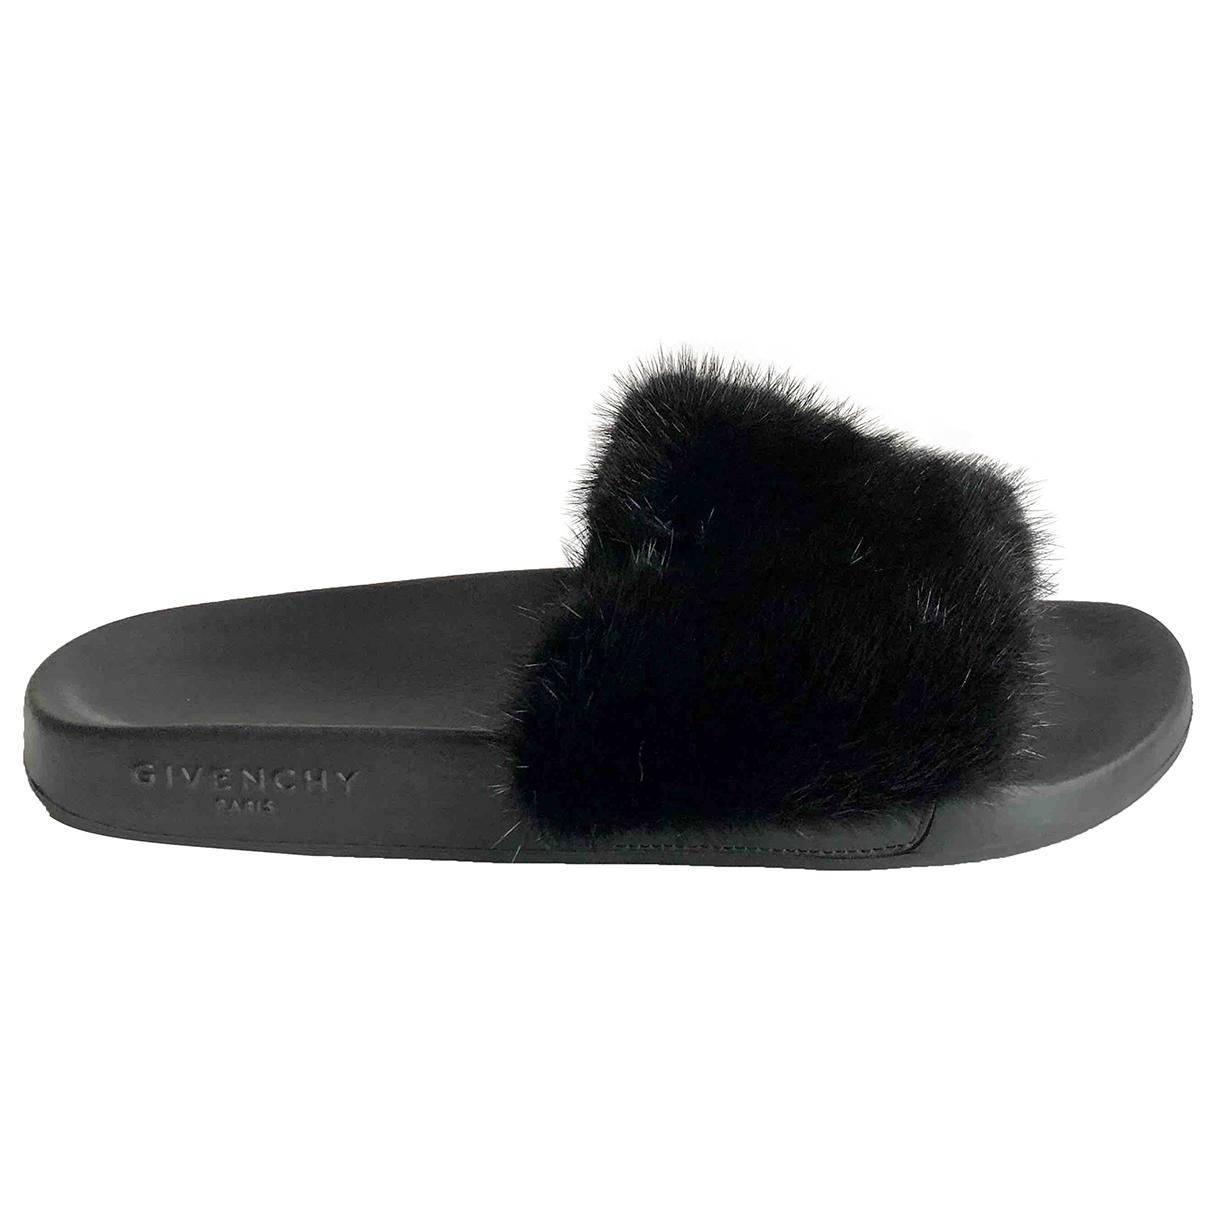 Givenchy \N Black Mink Sandals for Women 40 EU